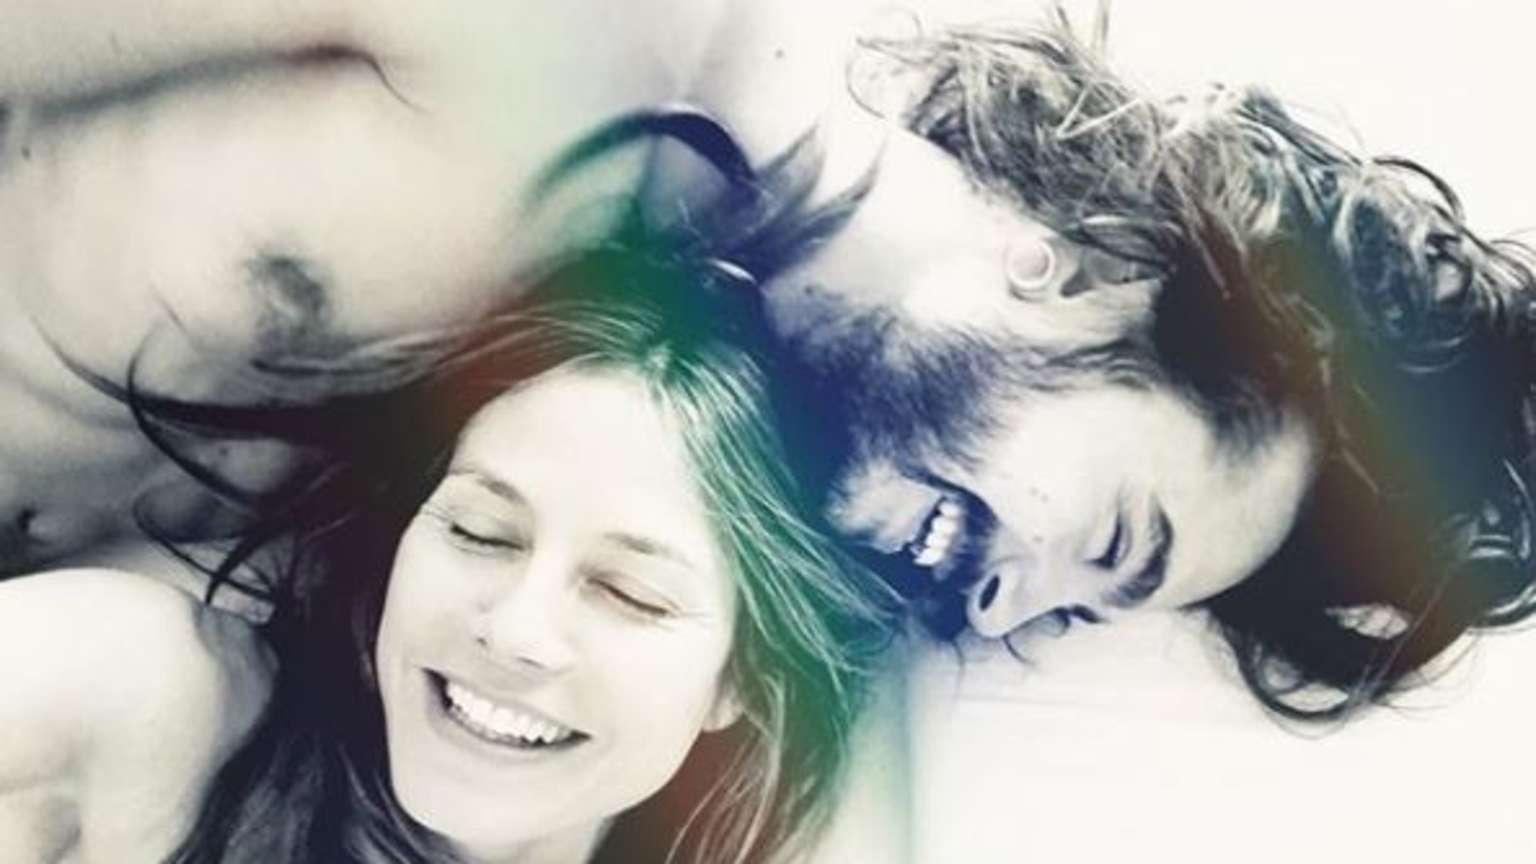 Heidi Klum und Tom Kaulitz zeigen pikantes Liebes-Selfie